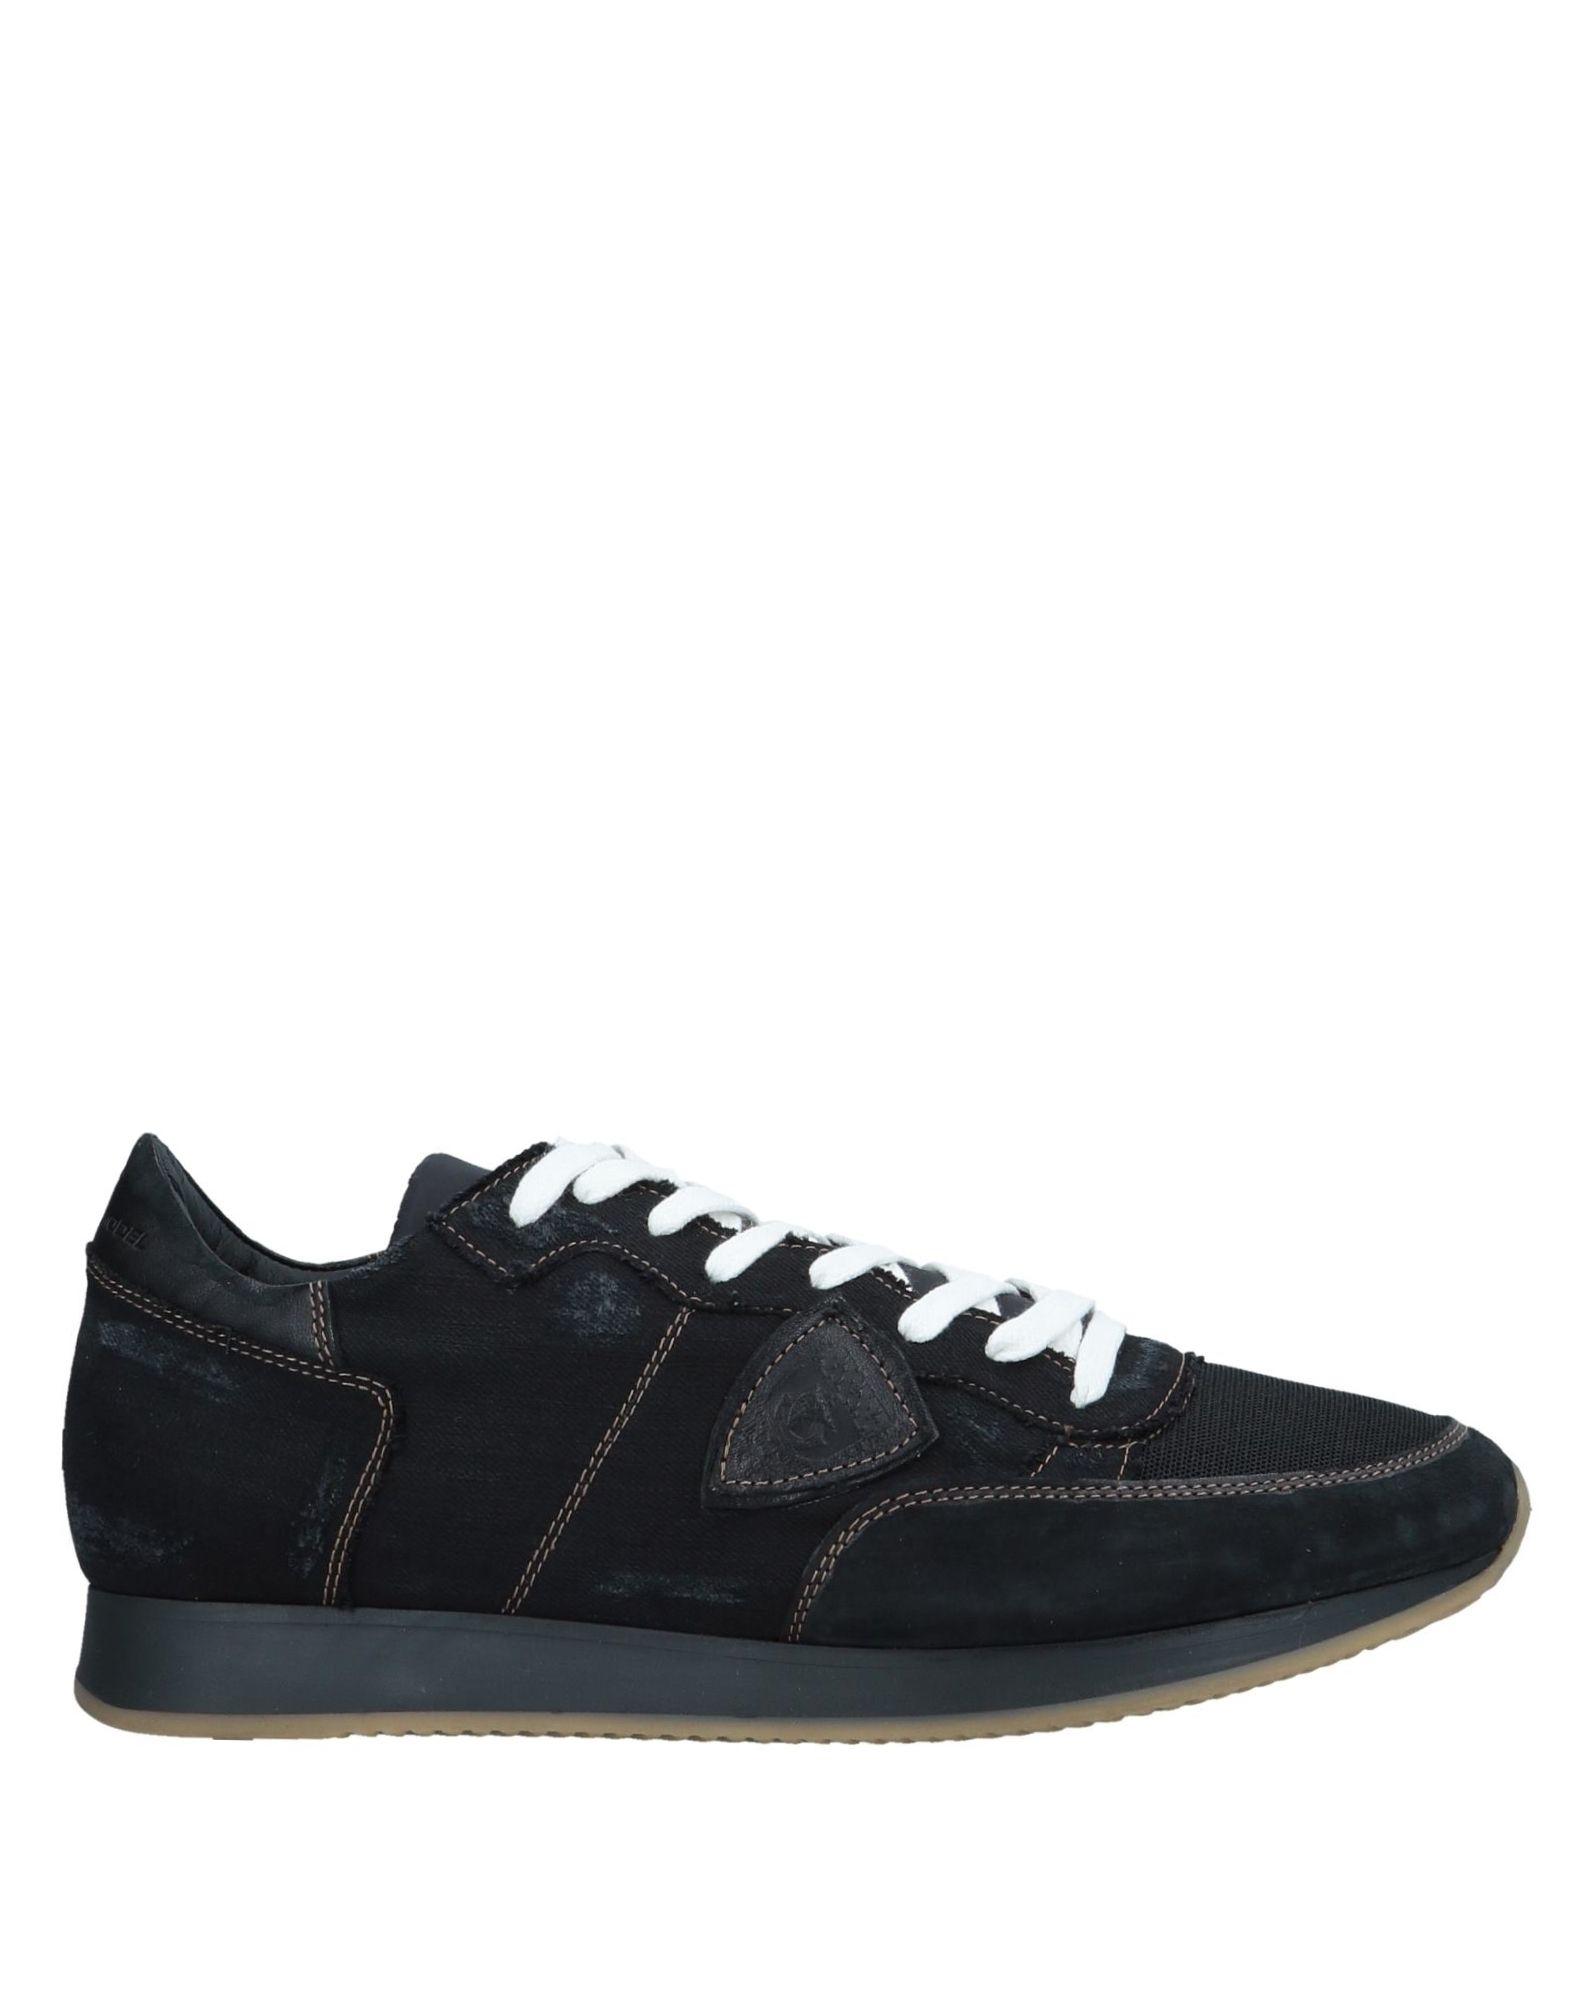 Philippe Model Sneakers - Men on Philippe Model Sneakers online on Men  Australia - 11571666UM 52c6d5